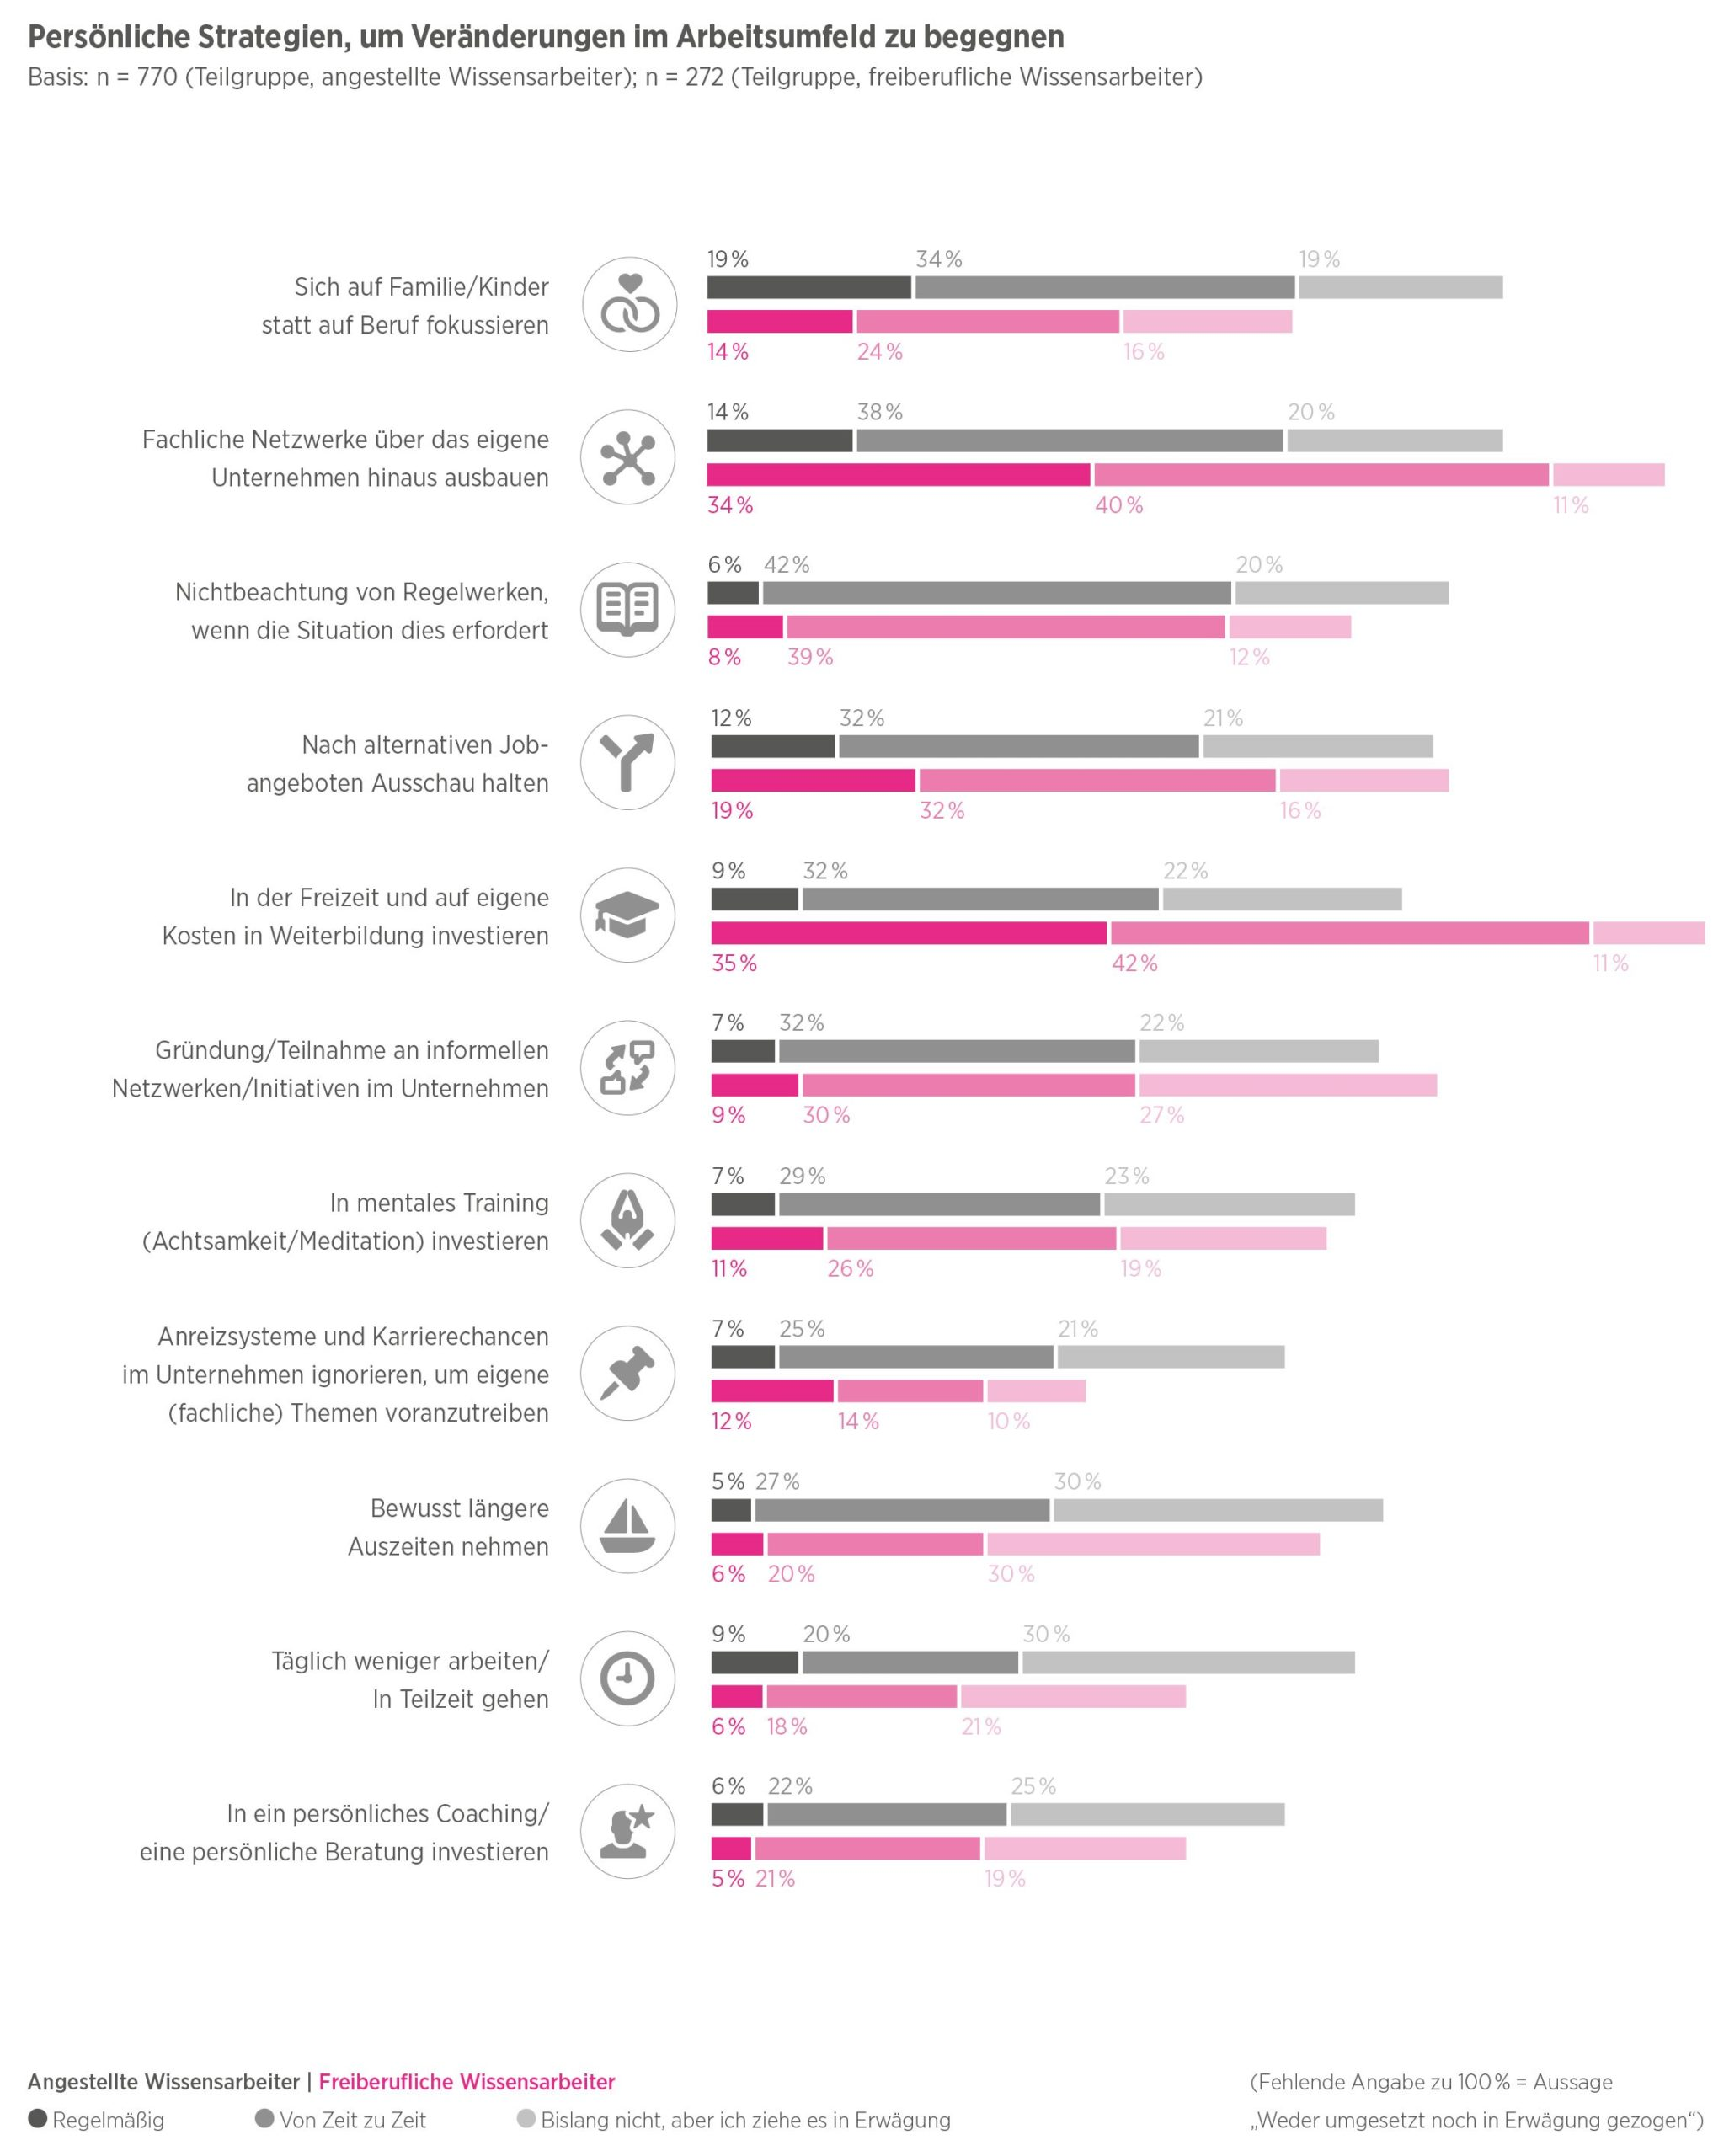 Hays-Studie: Wissensarbeit im digitalen Wandel